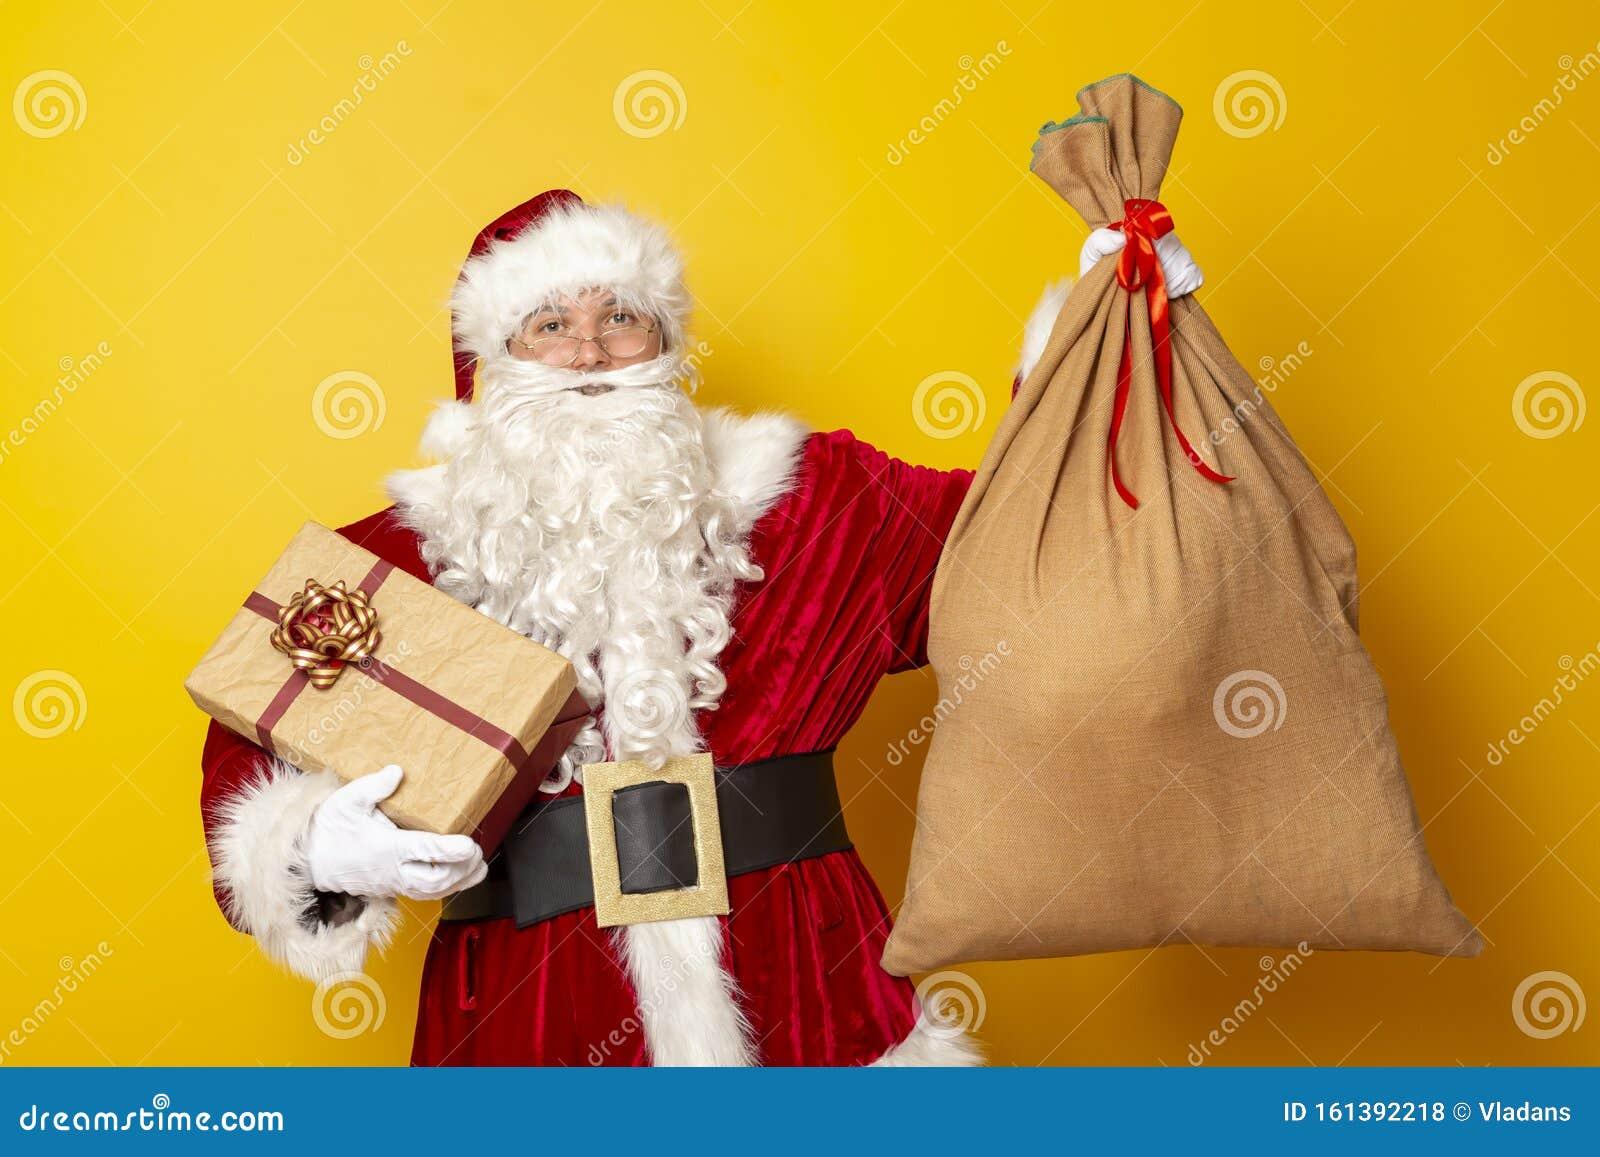 weihnachtsgeschenke mit sack stockfoto  bild von viele